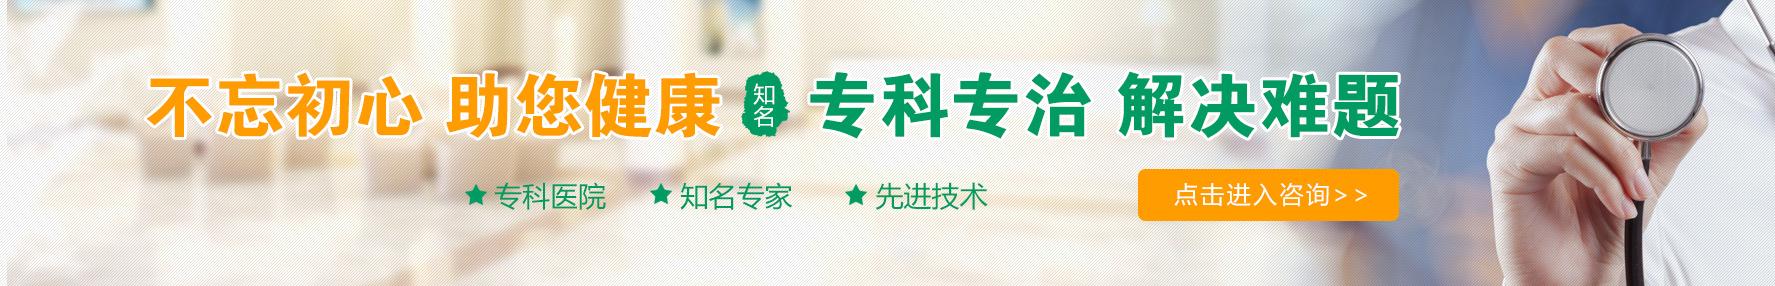 上海腋臭医院